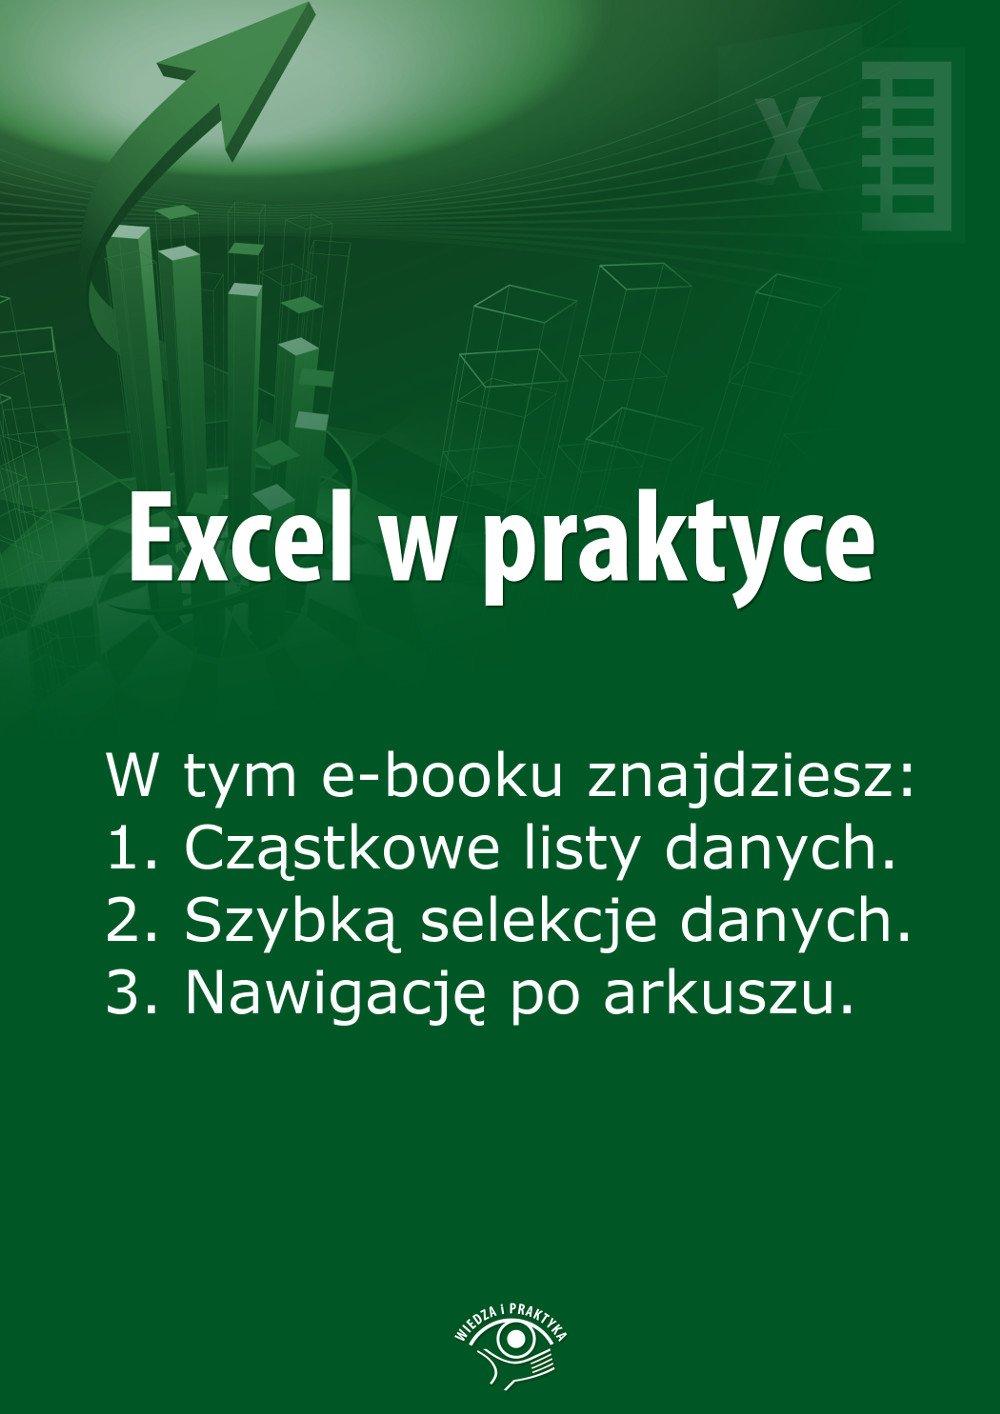 Excel w praktyce. Wydanie luty-marzec 2014 r. - Ebook (Książka EPUB) do pobrania w formacie EPUB